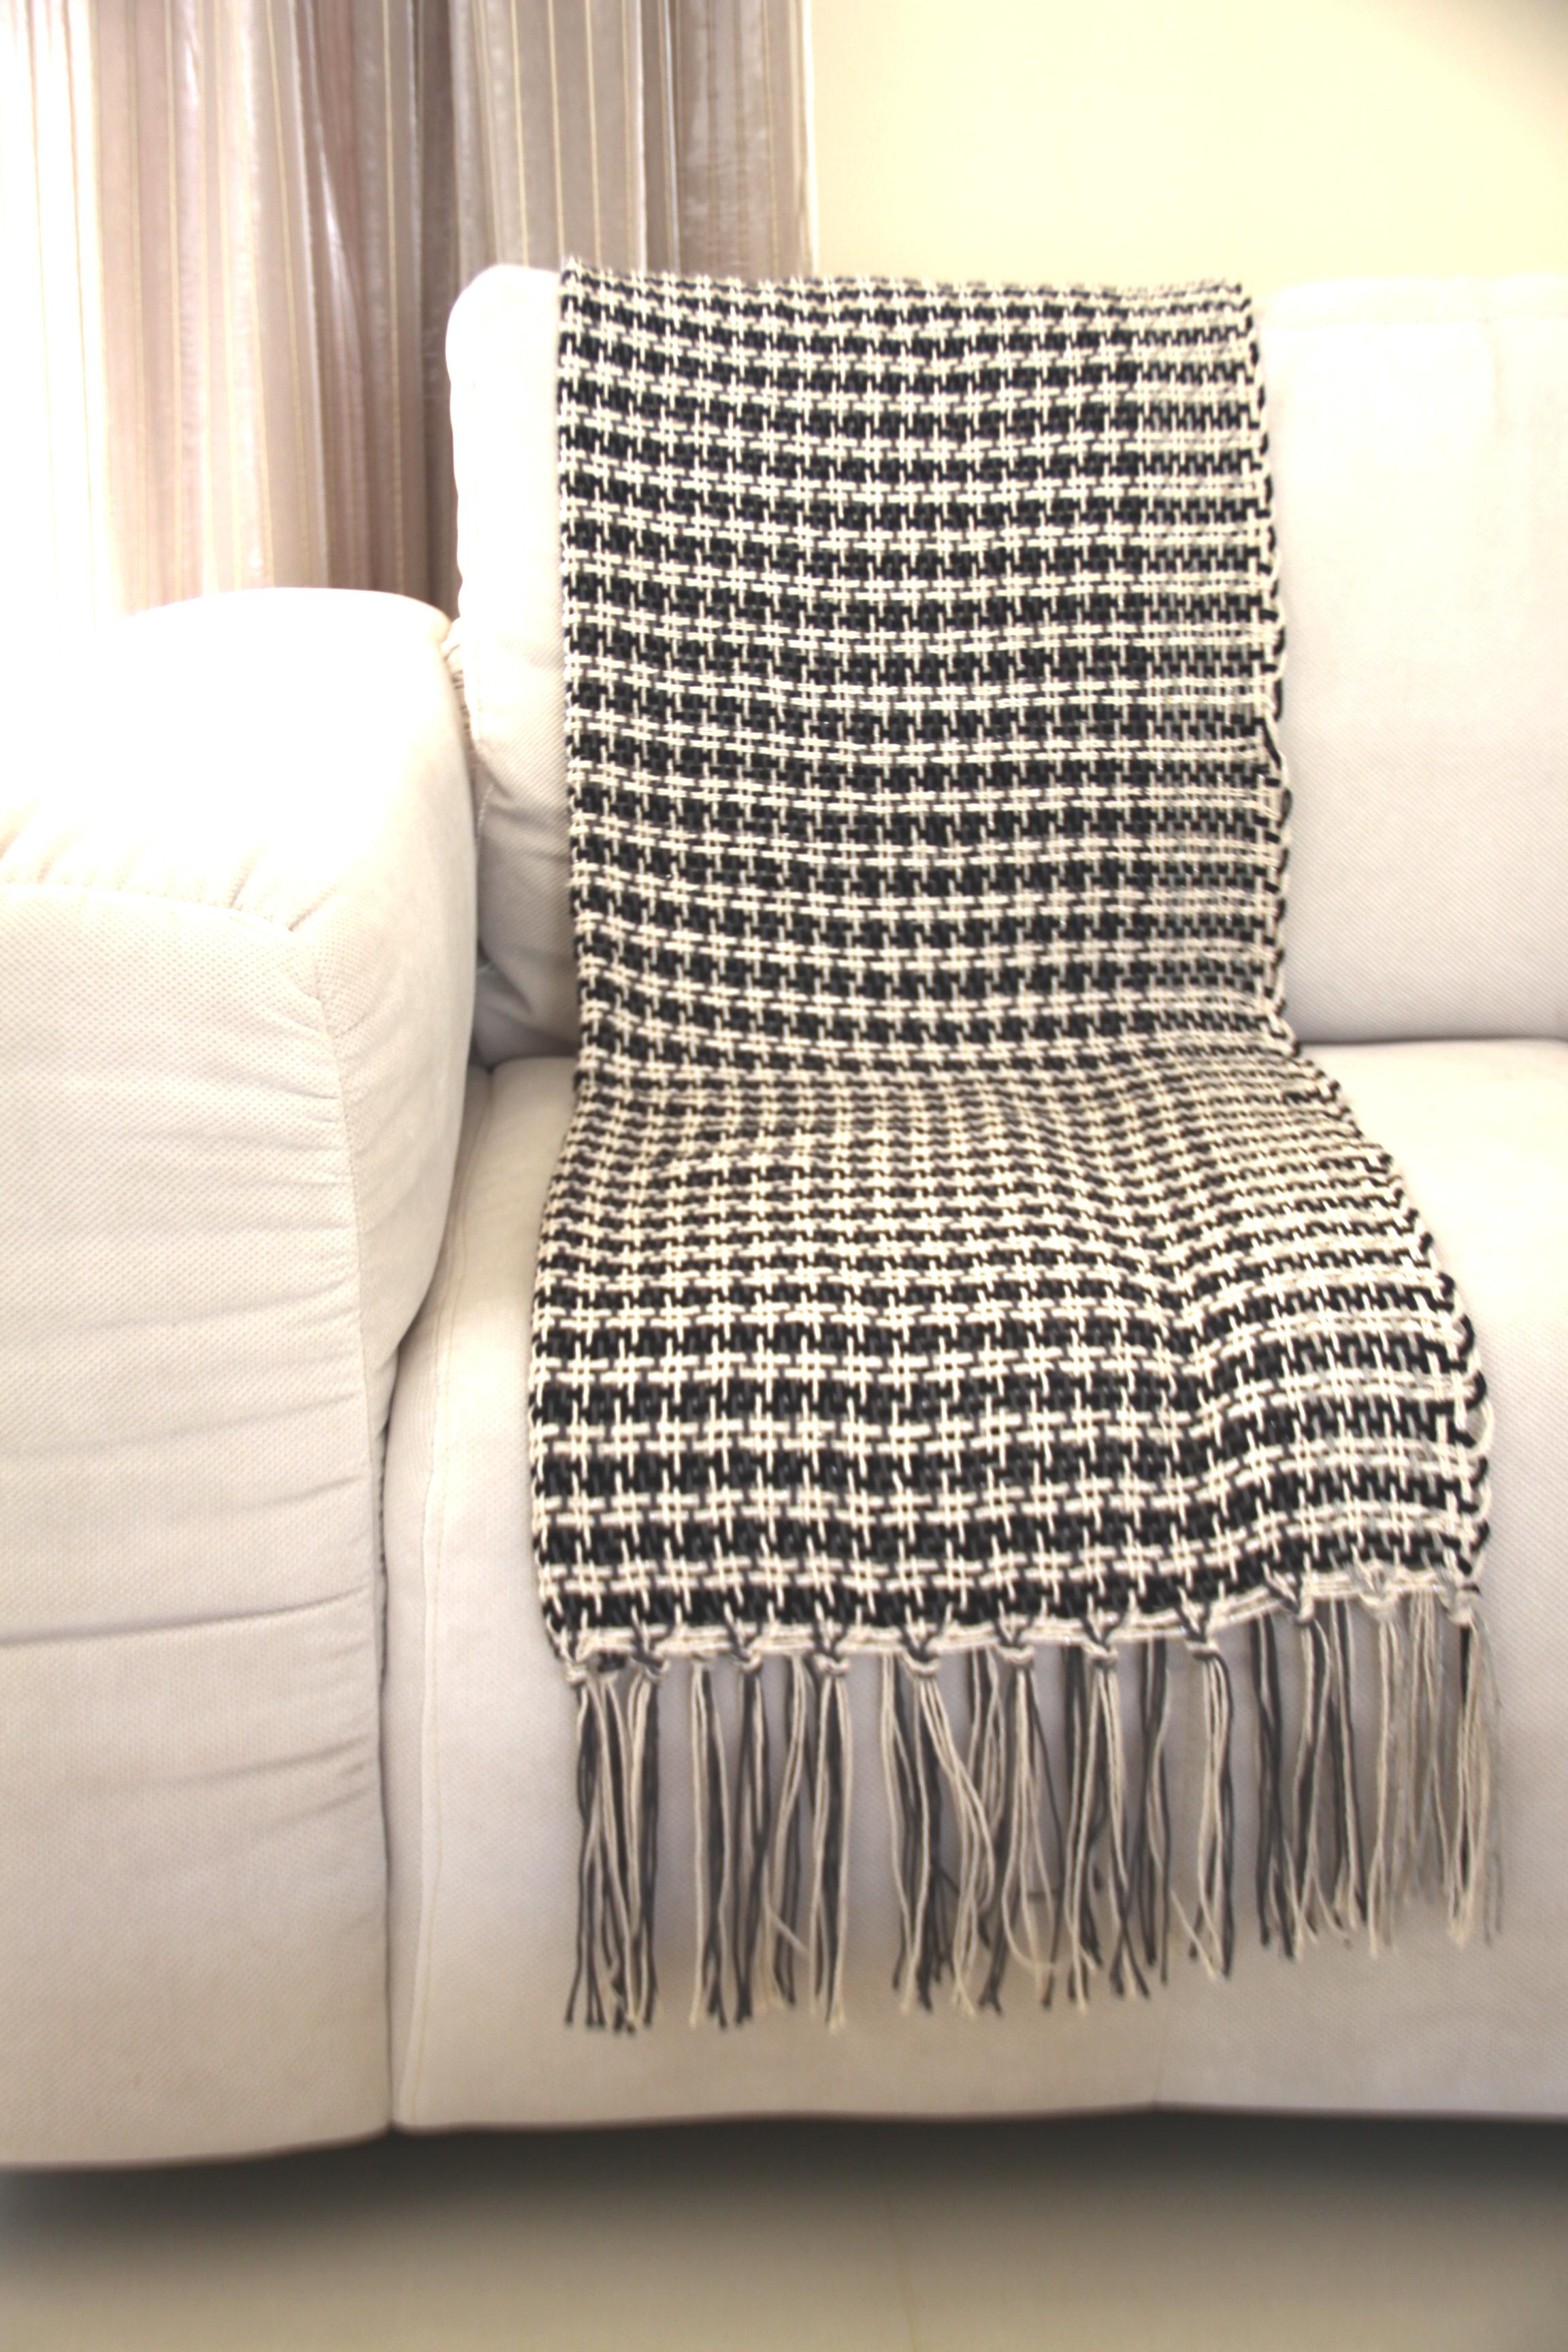 Manta sofa Tqd3 Manta De sofà Ou Poltrona No Elo7 Tecelu 59d619